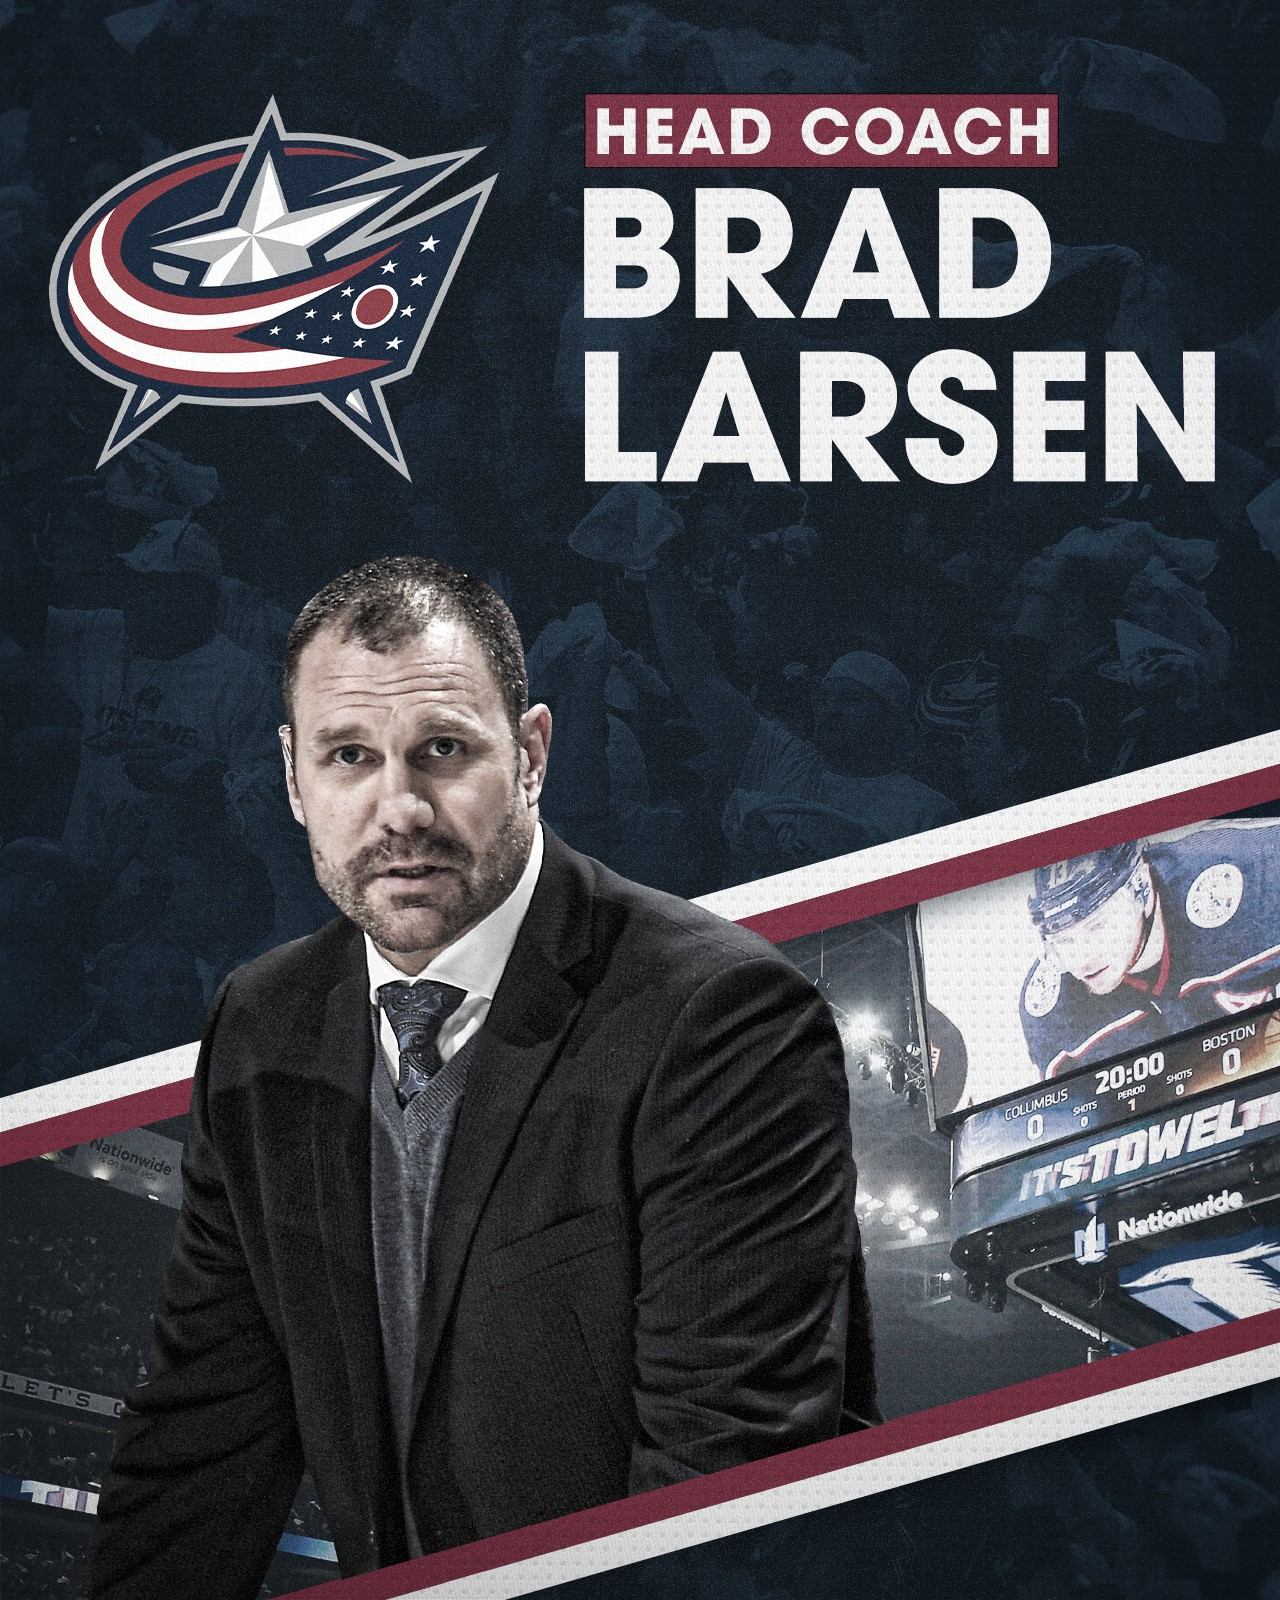 Brad Larsen es el nuevo entrenador de los Blue Jackets